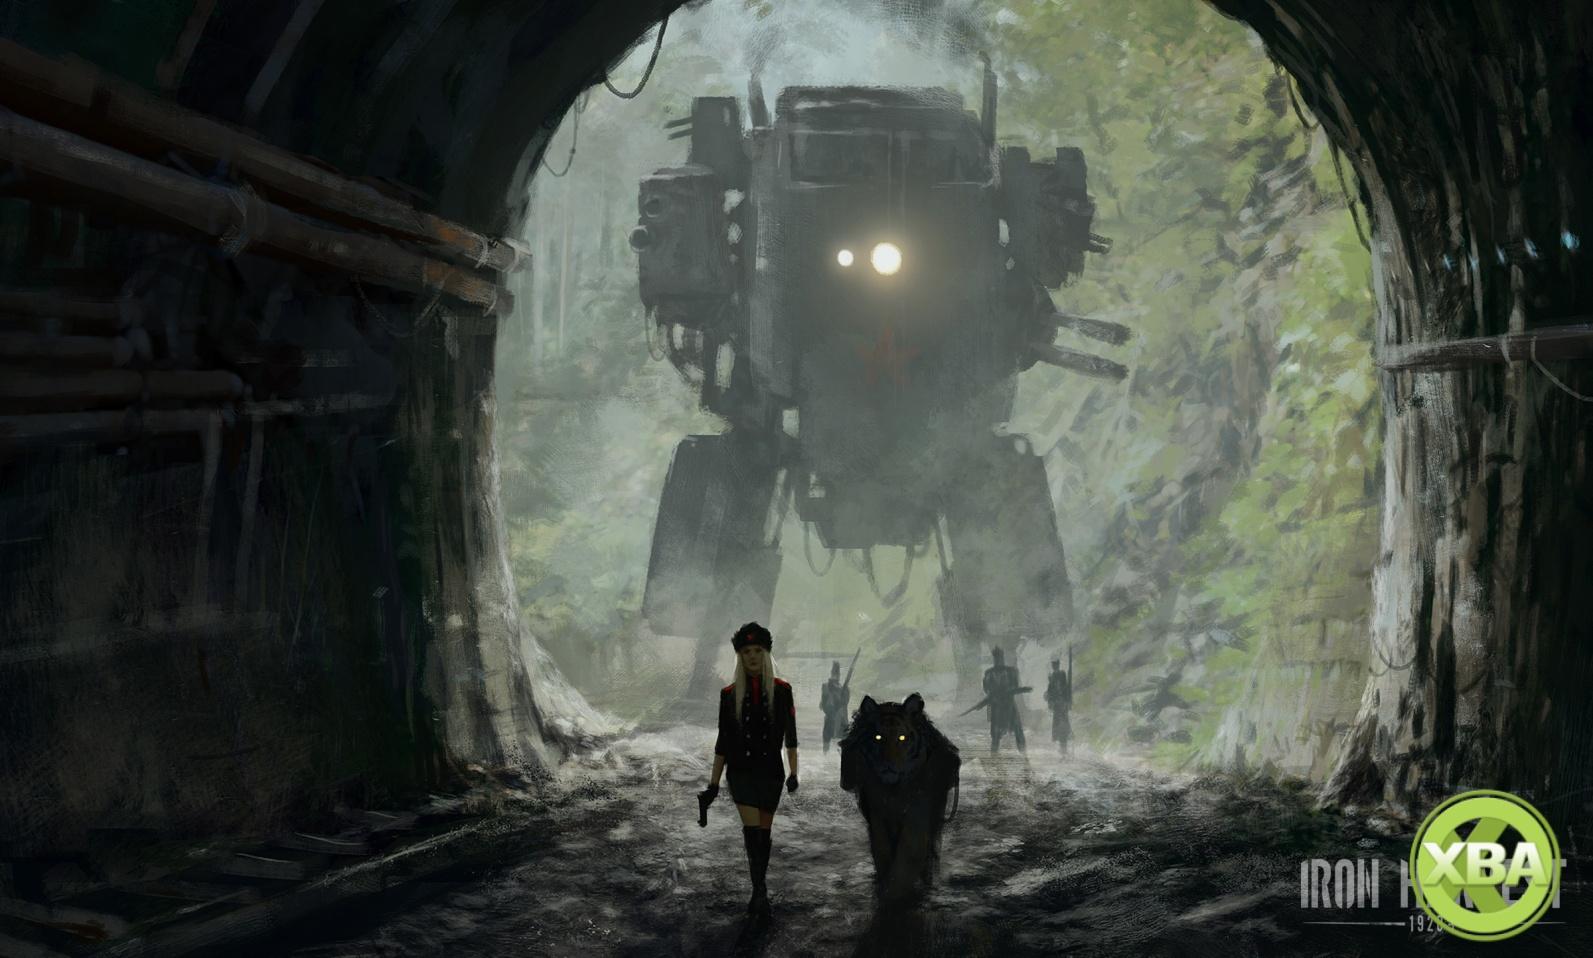 Sanhok Map Teaser Trailer: Iron Harvest Teaser Trailer Showcases Mechs, Maps & More